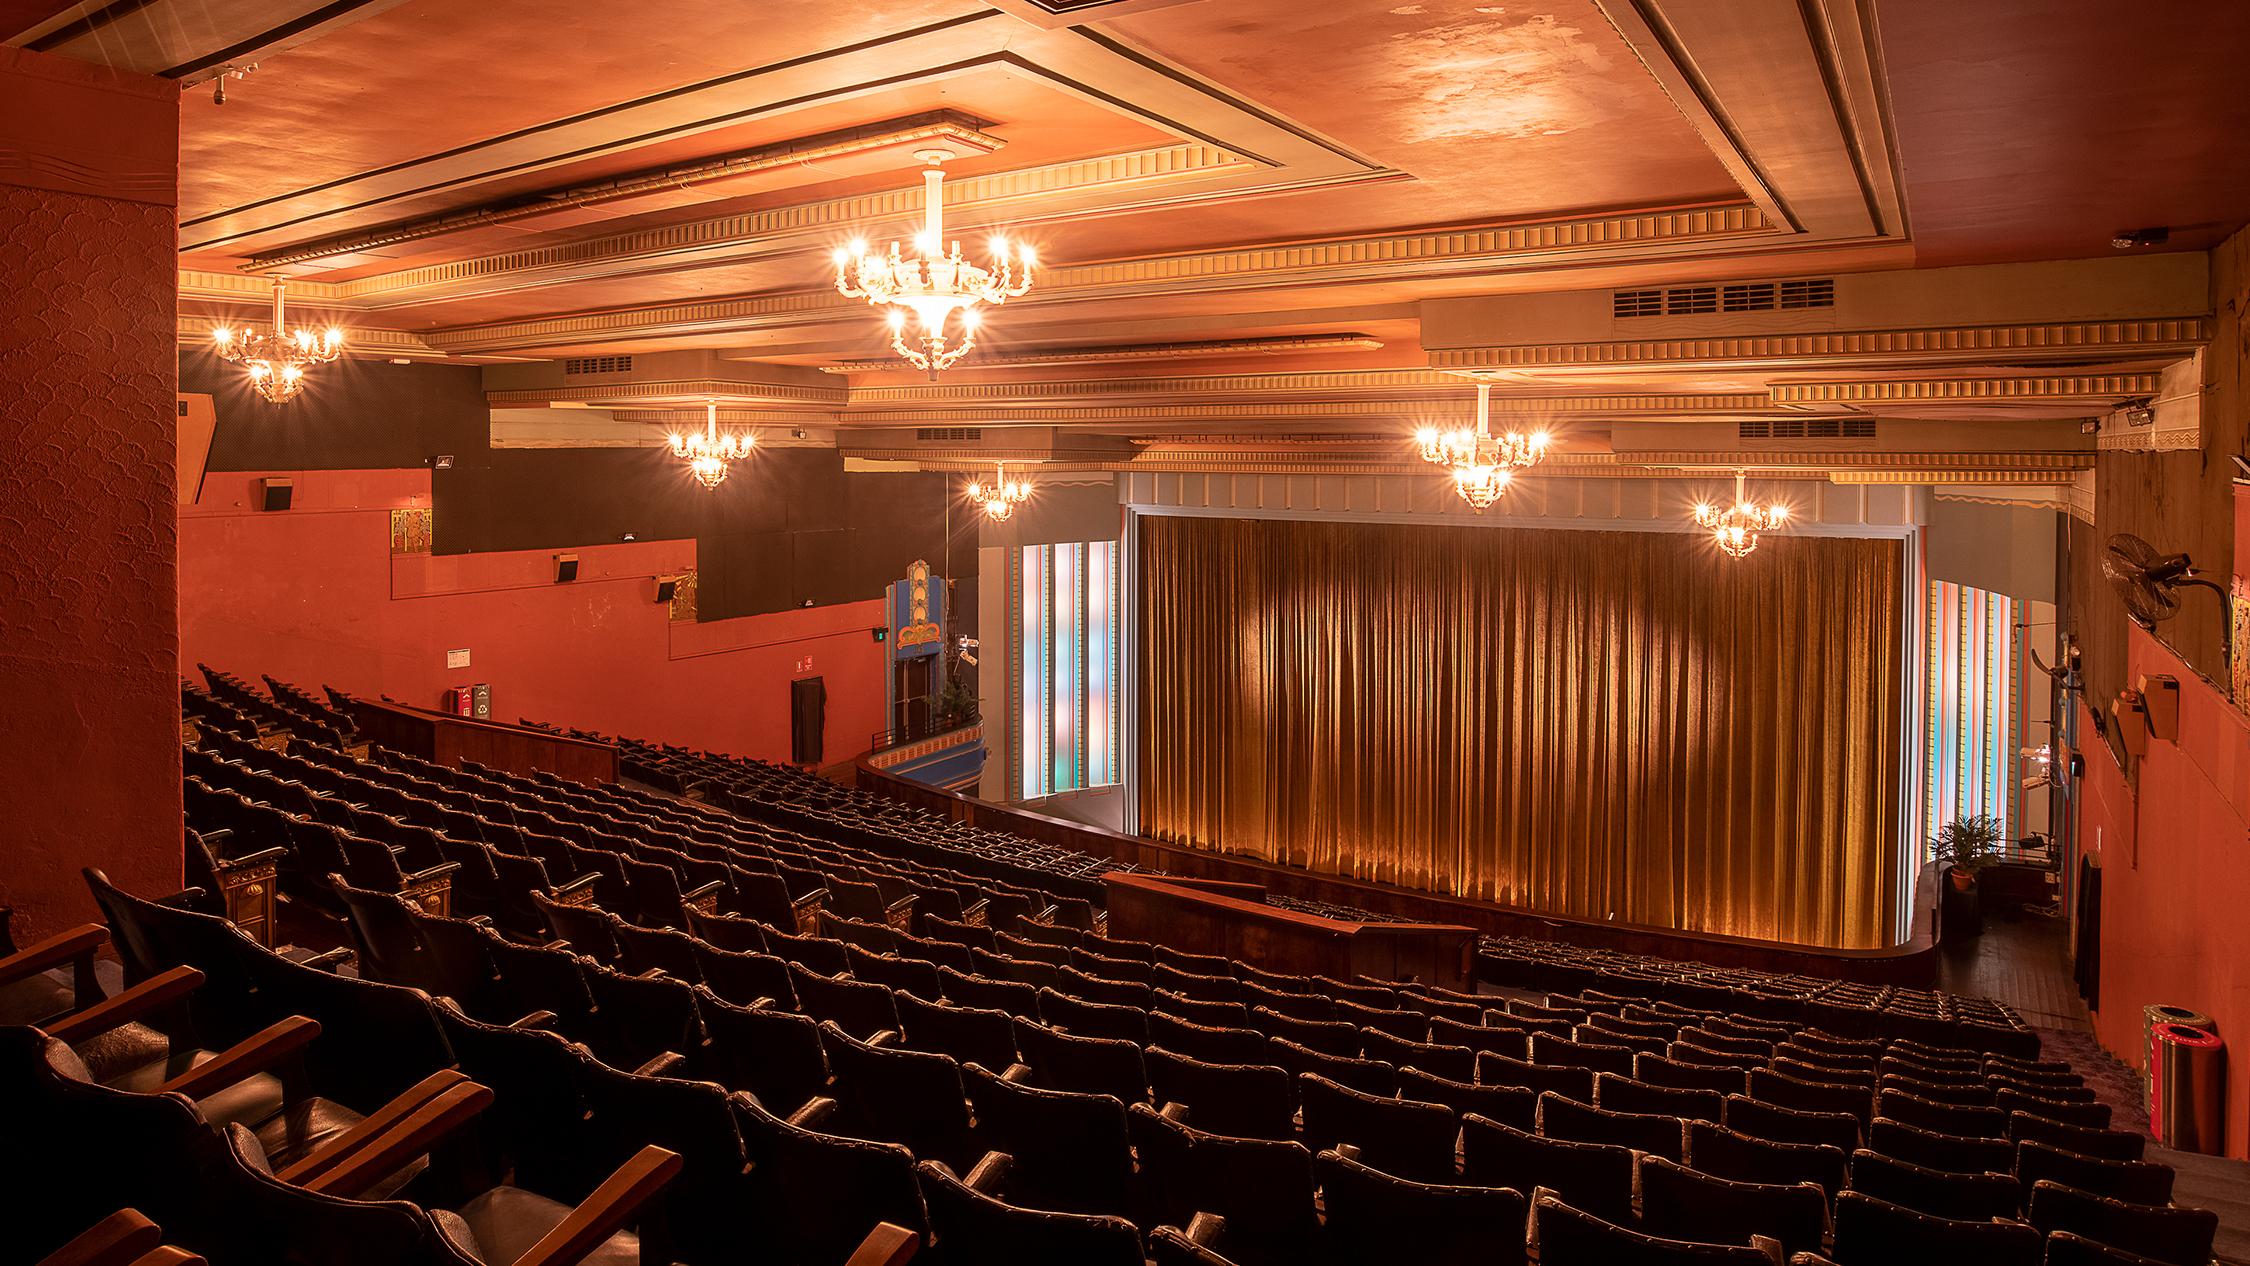 The Astor Theatre (Photograph: Carmen Zammit)